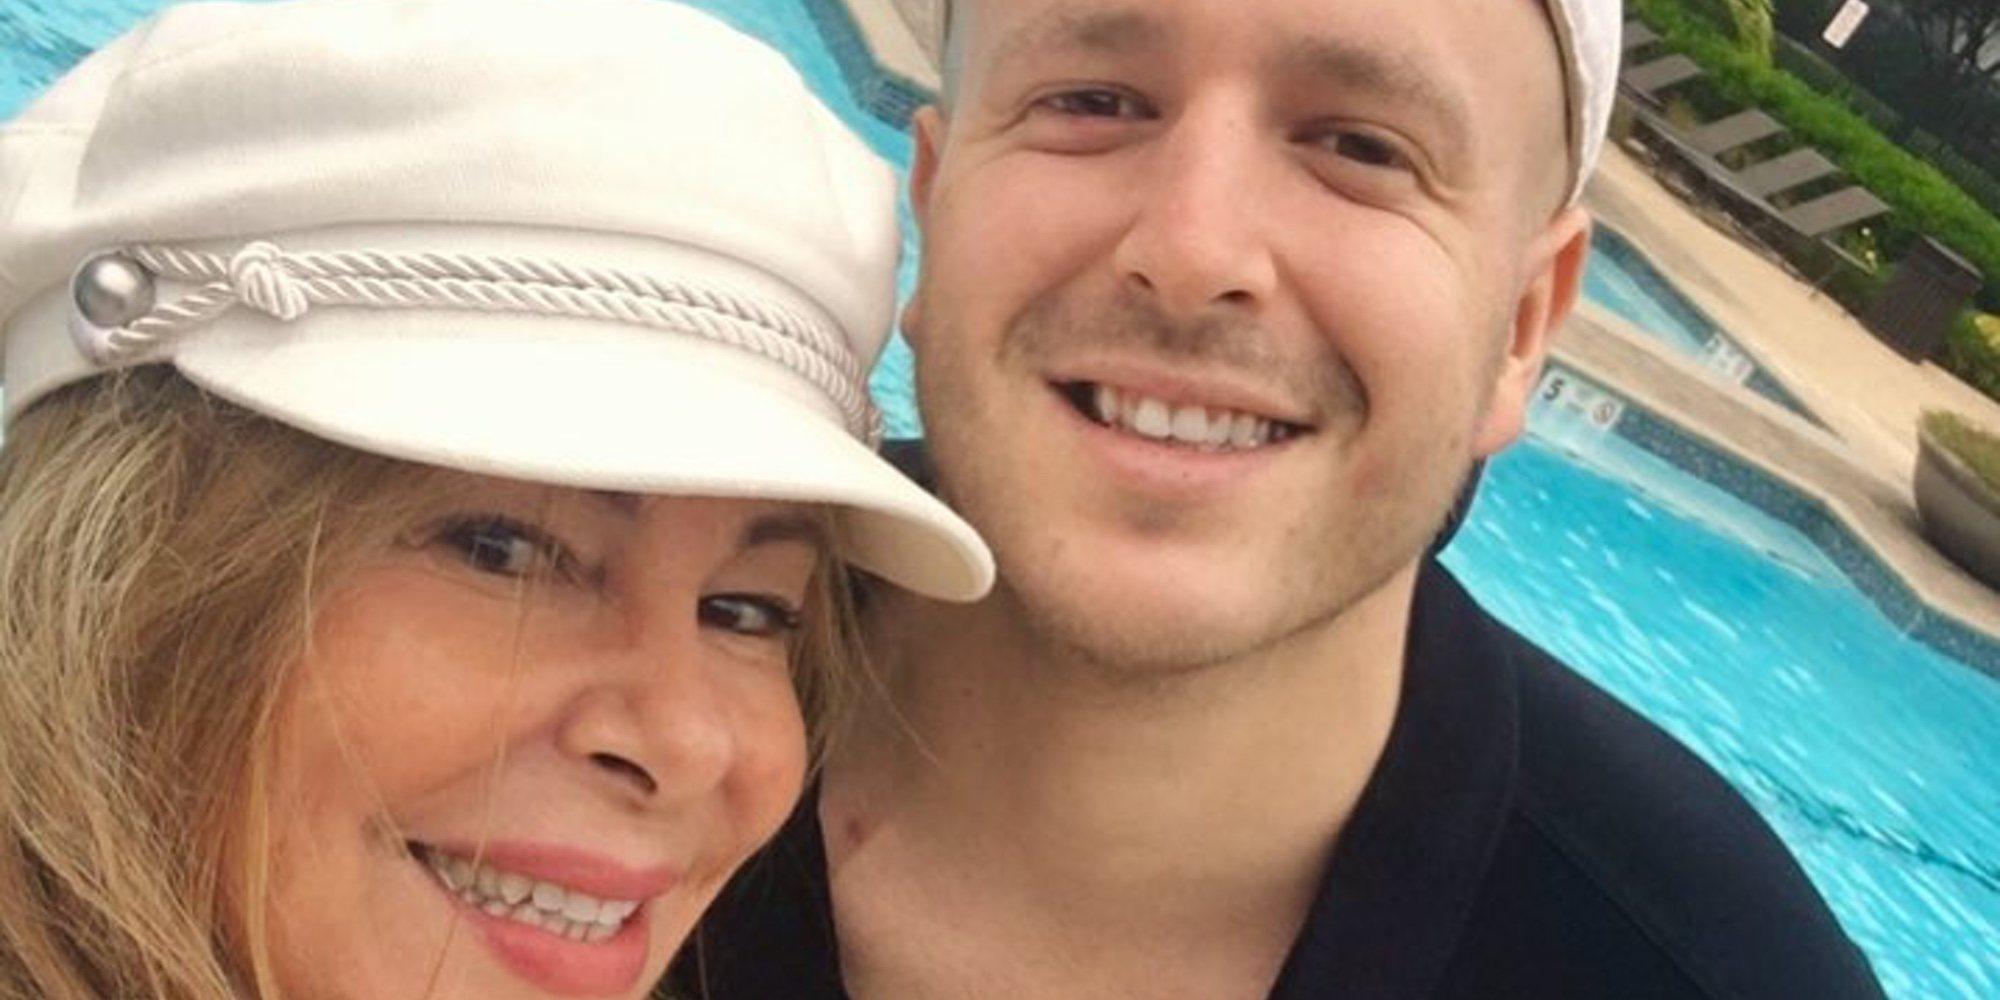 Álex Lequio retoma su tratamiento en aislamiento apoyado por sus padres